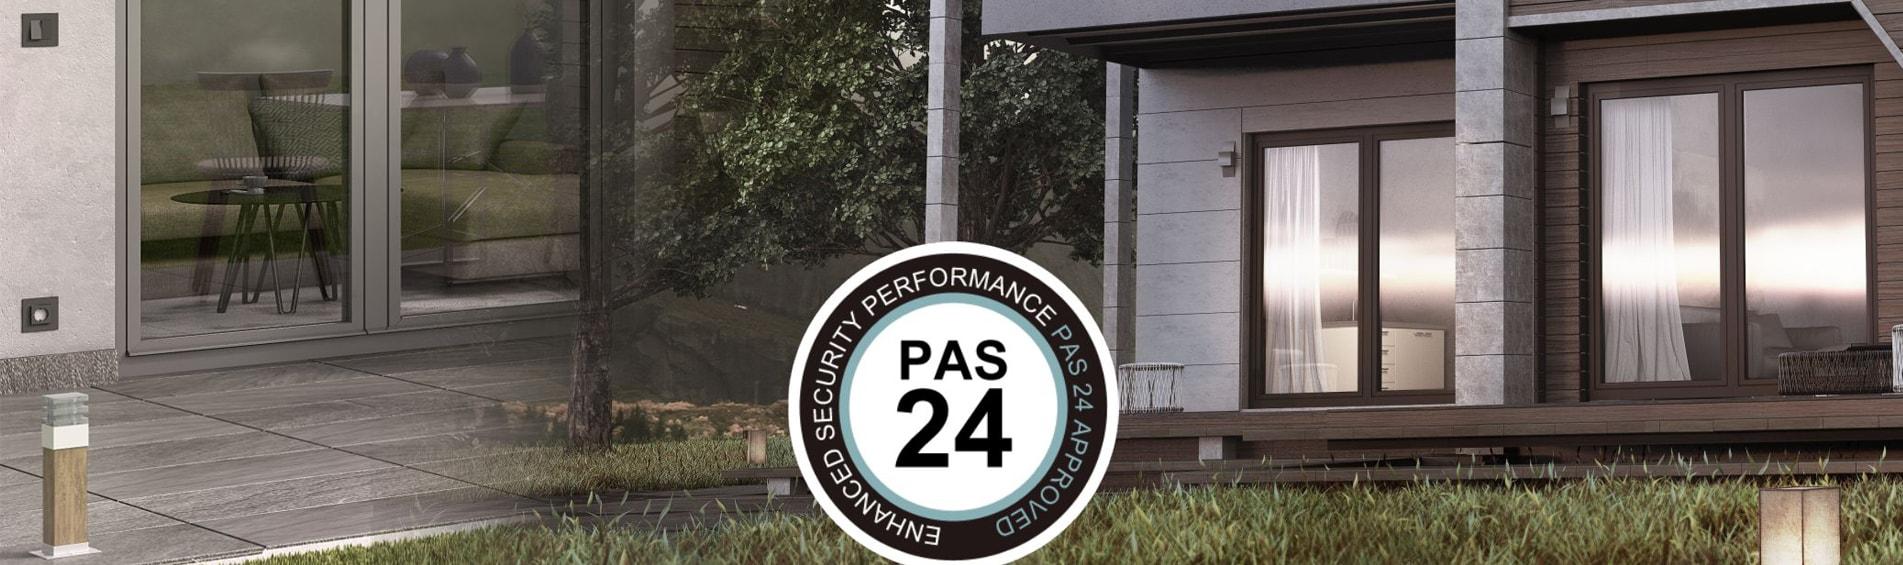 pas24_s77_s67-min